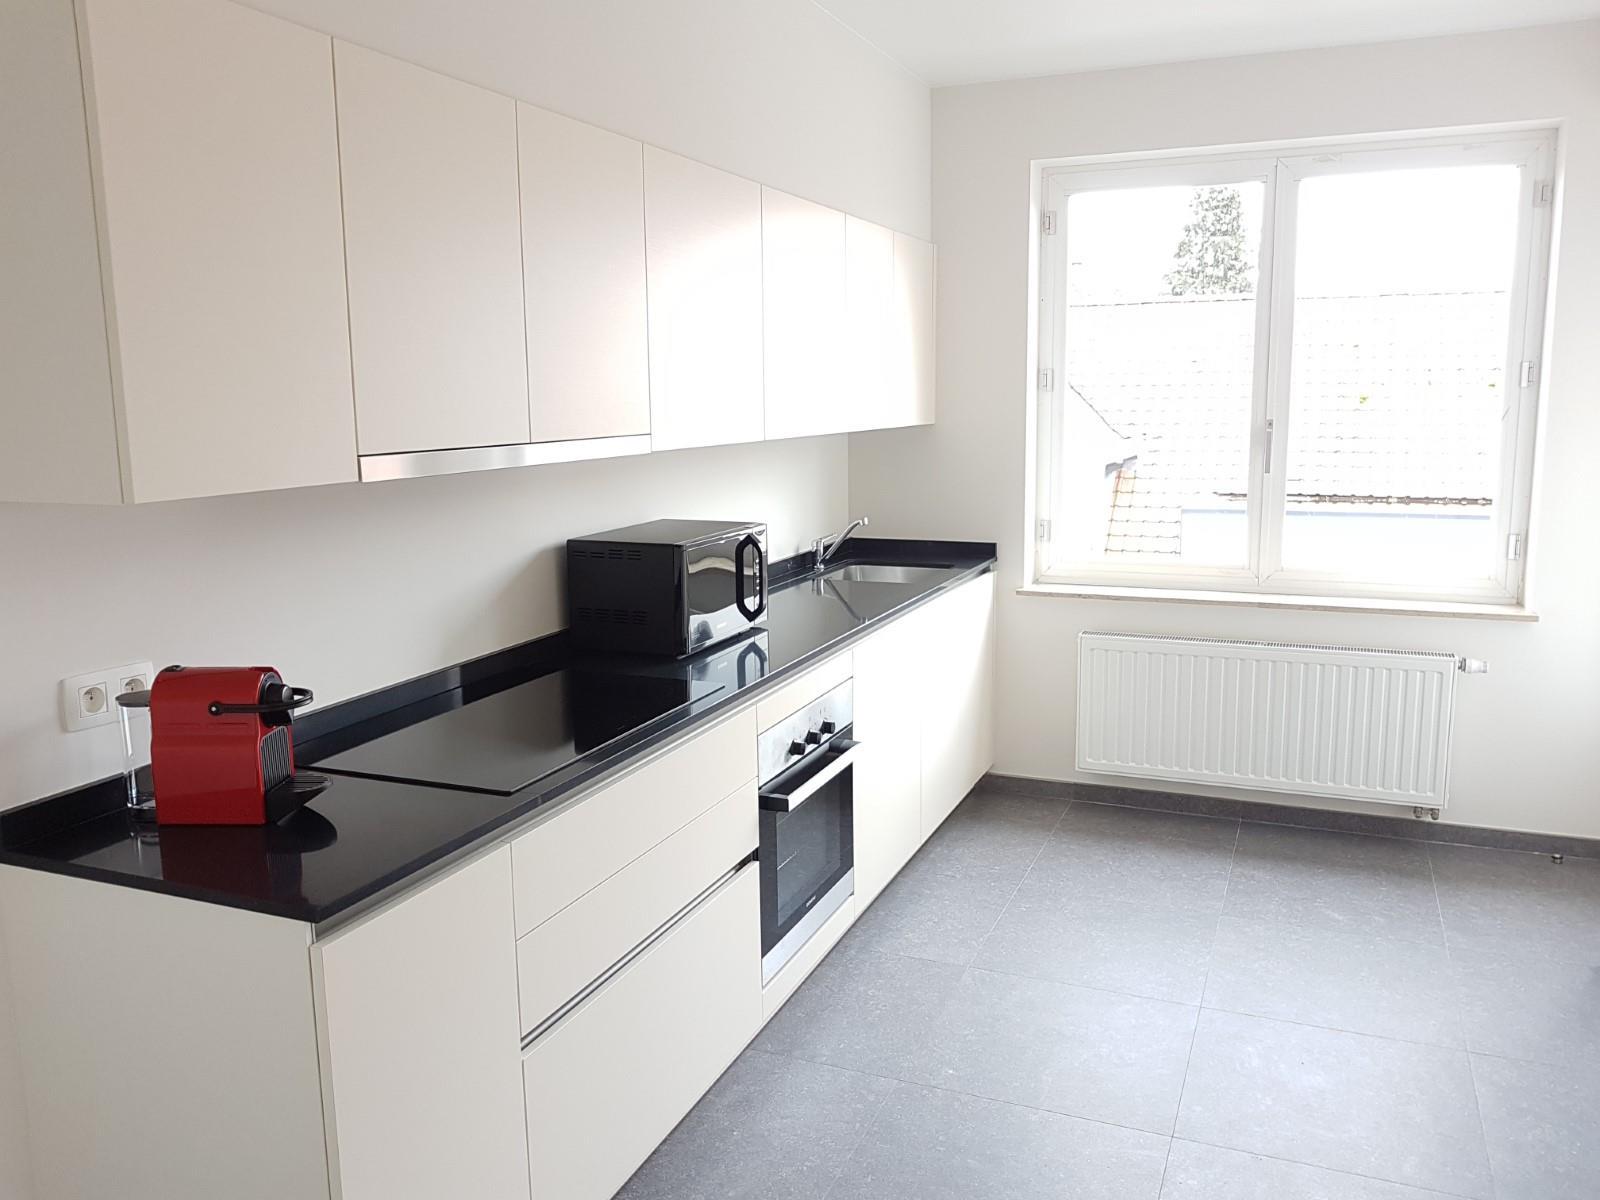 Appartement exceptionnel - Rhode-Saint-Genèse - #3704483-14